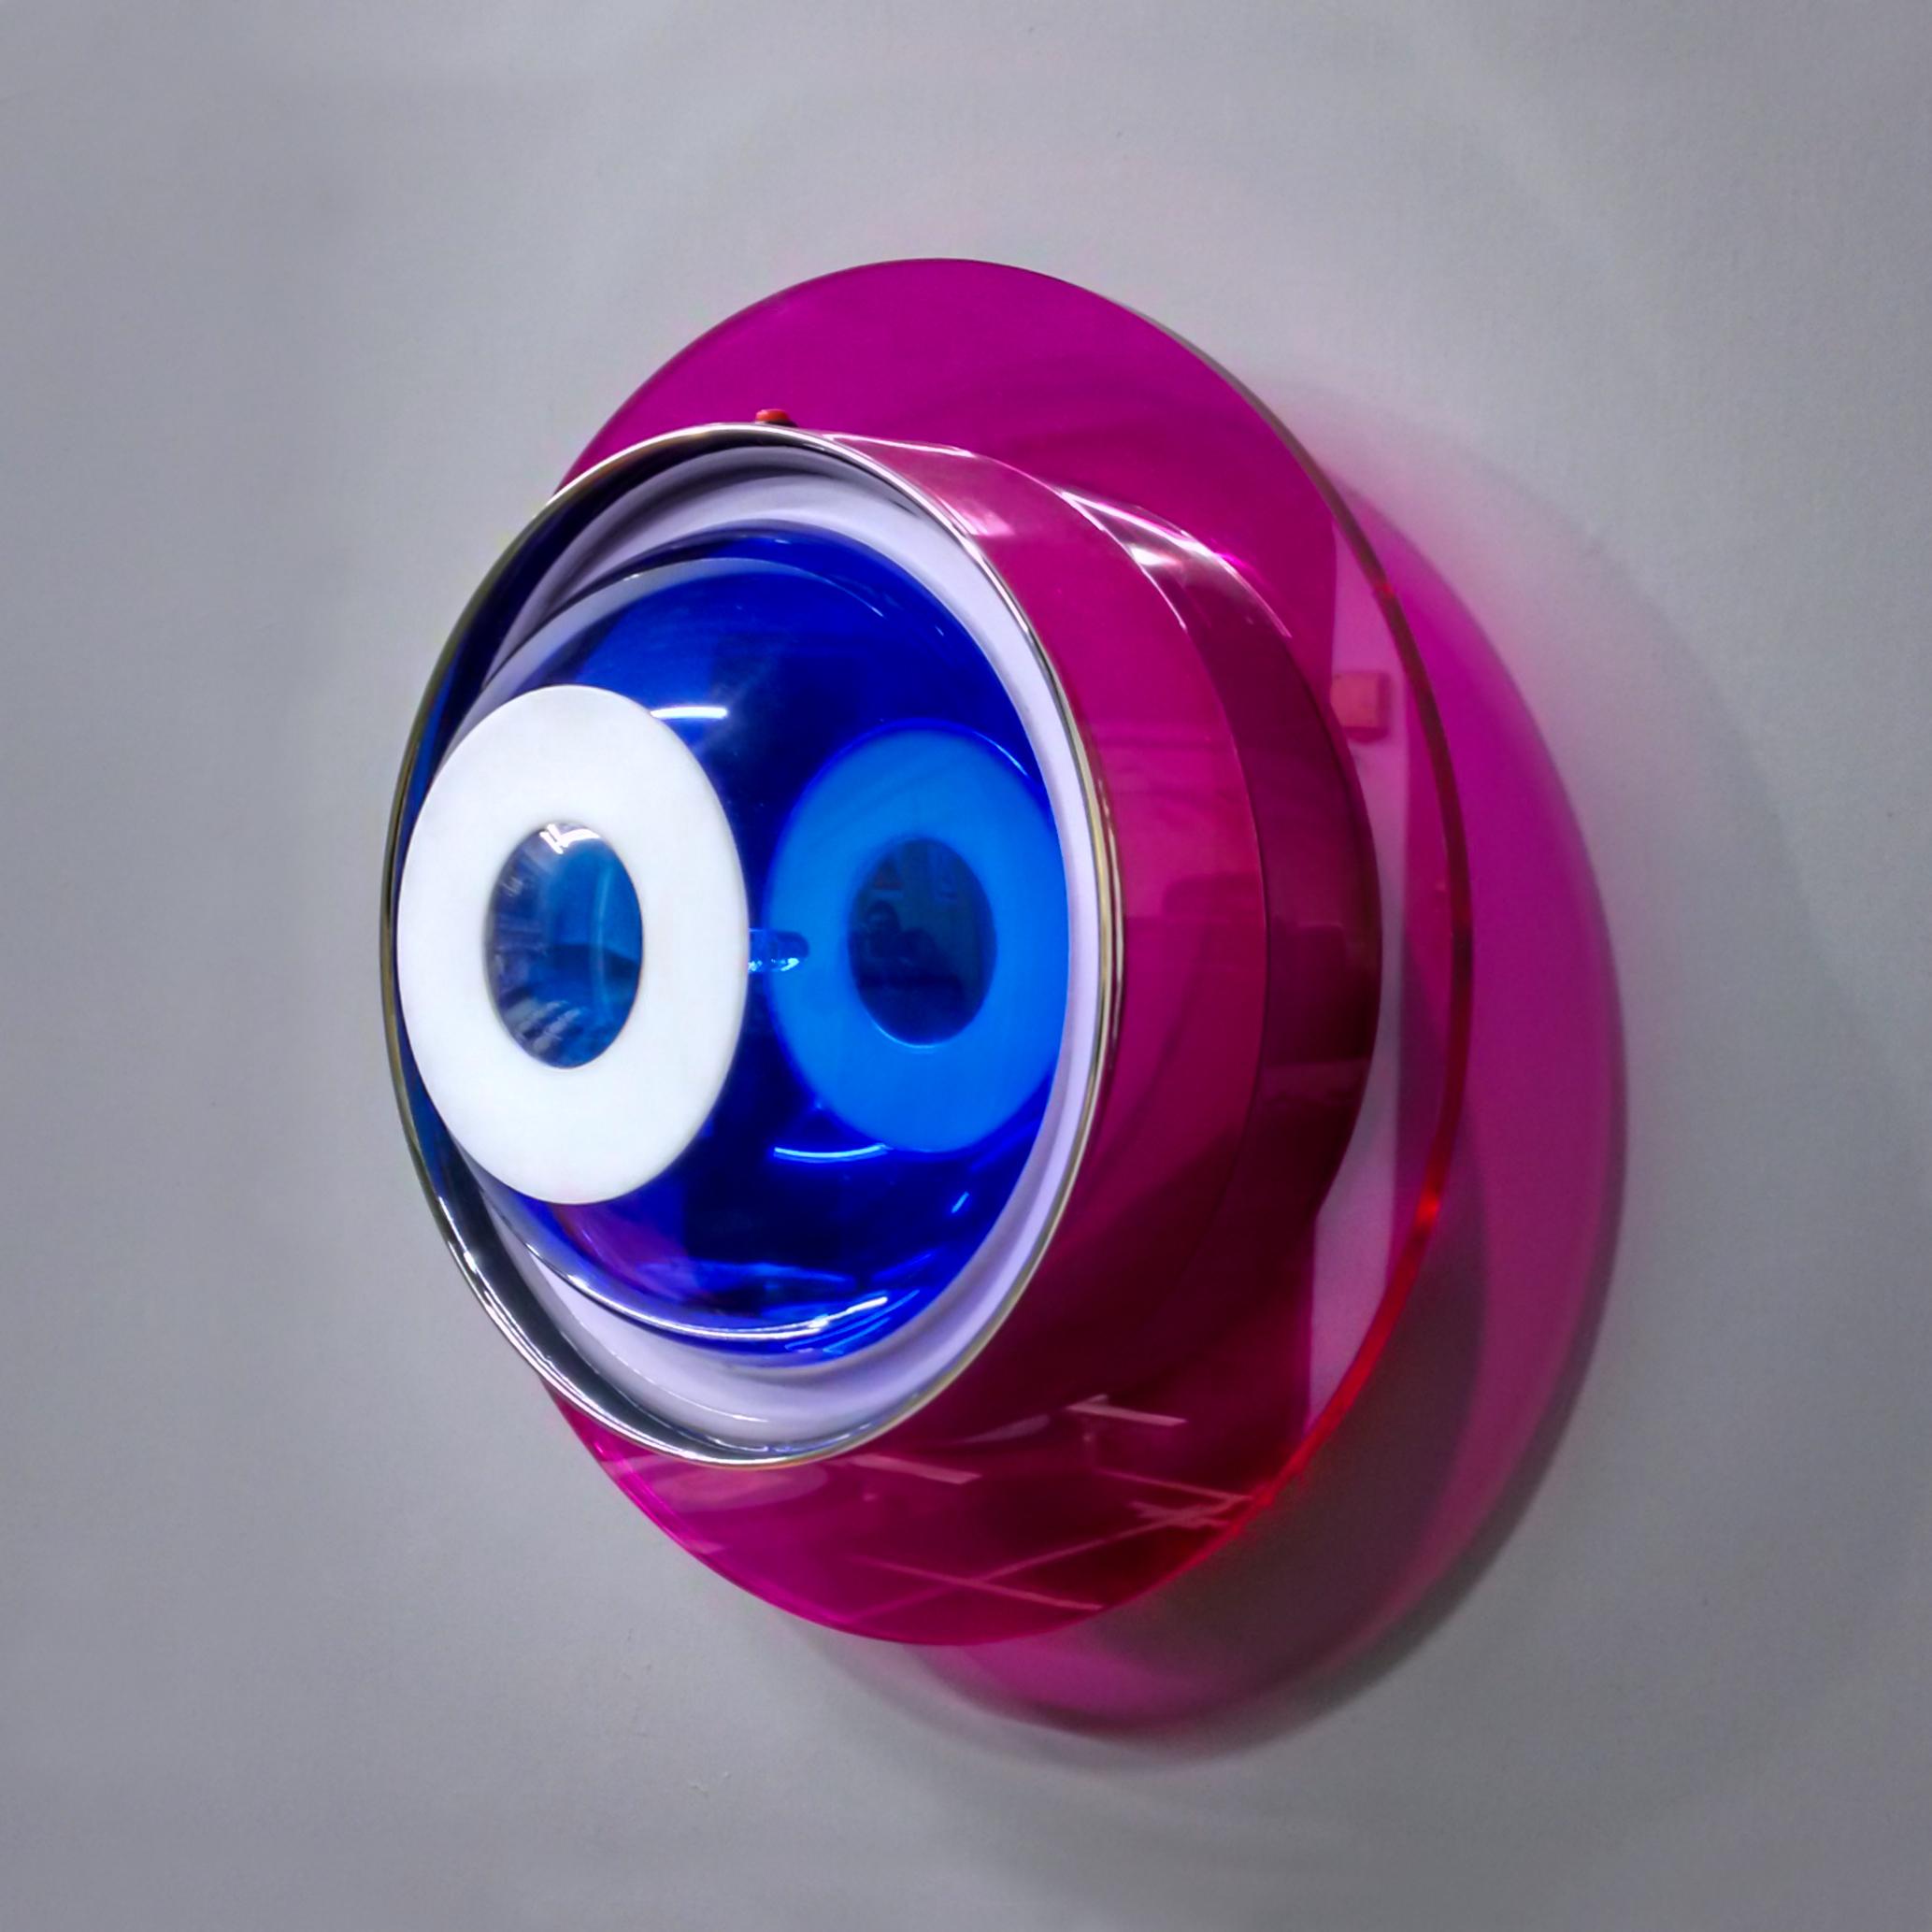 Turbininha Direita, 2 carcaças de relógios, acrílico, espelho, tinta acrílica, tinta fosforescente, lâmpada de led, lâmpada incandescente, interruptor, suporte para pilhas e madeira. Diâmetro de 35 cm x 14 cm, 2017